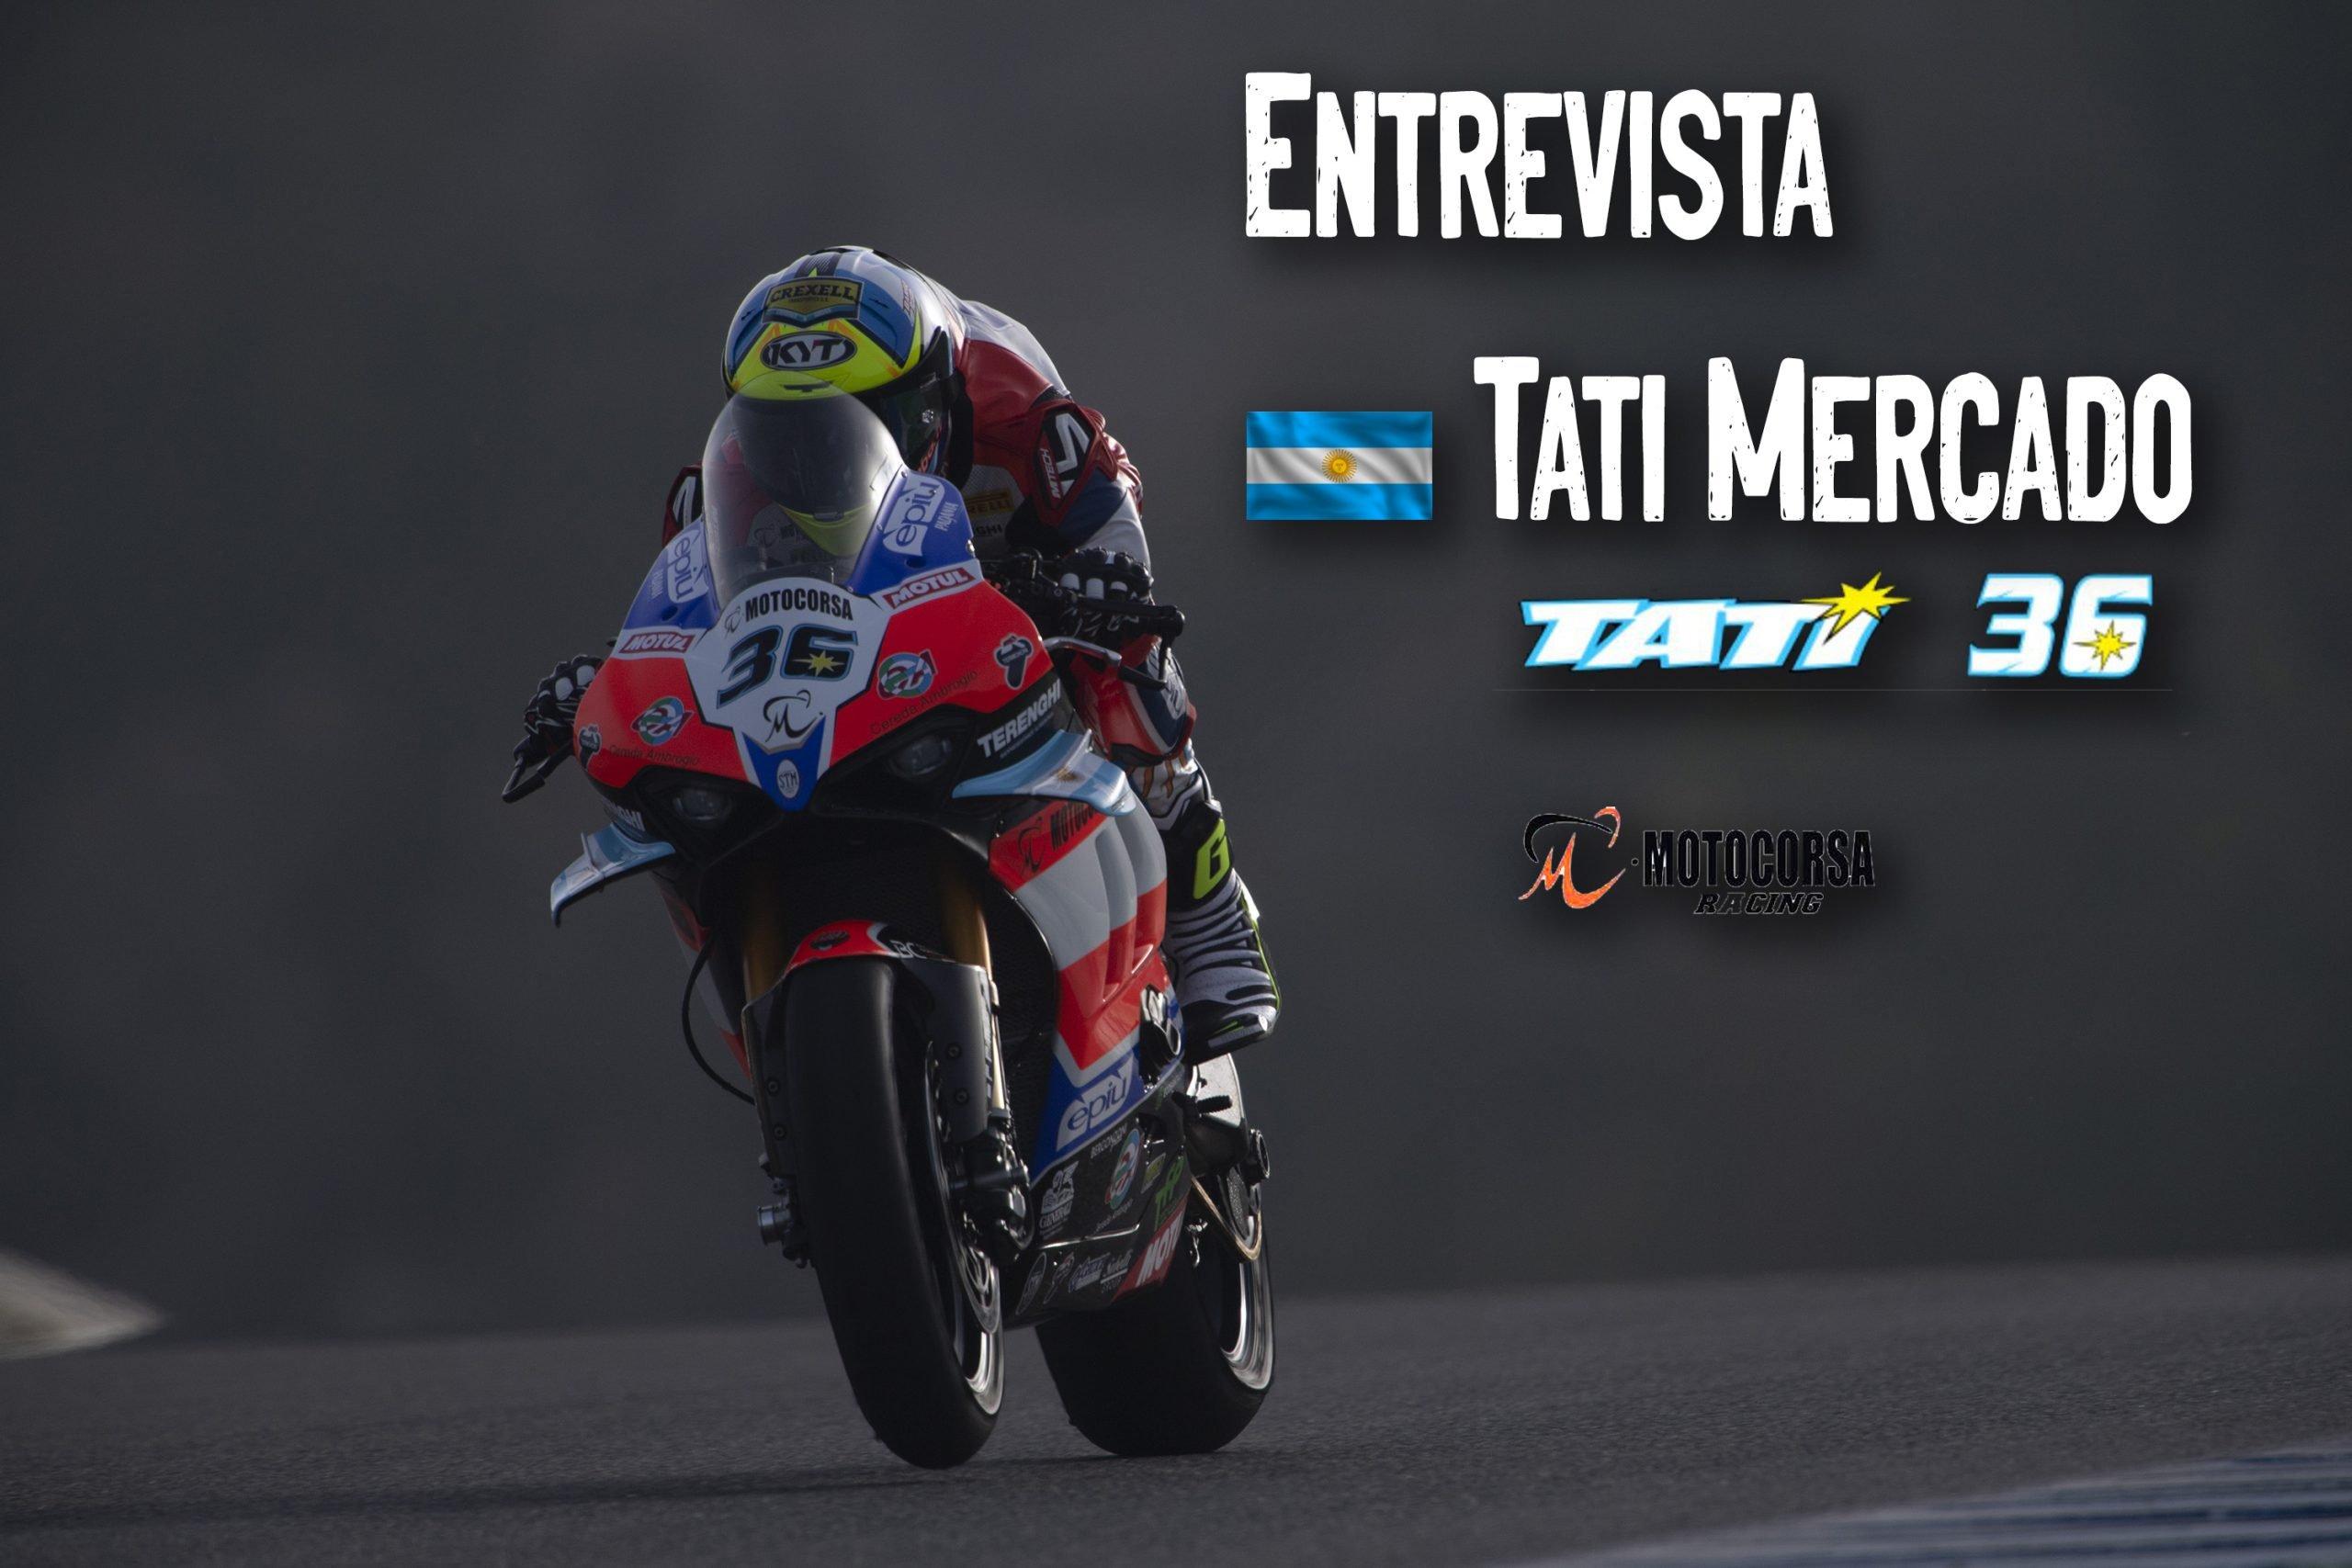 Entrevista a Tati Mercado – WorldSBK